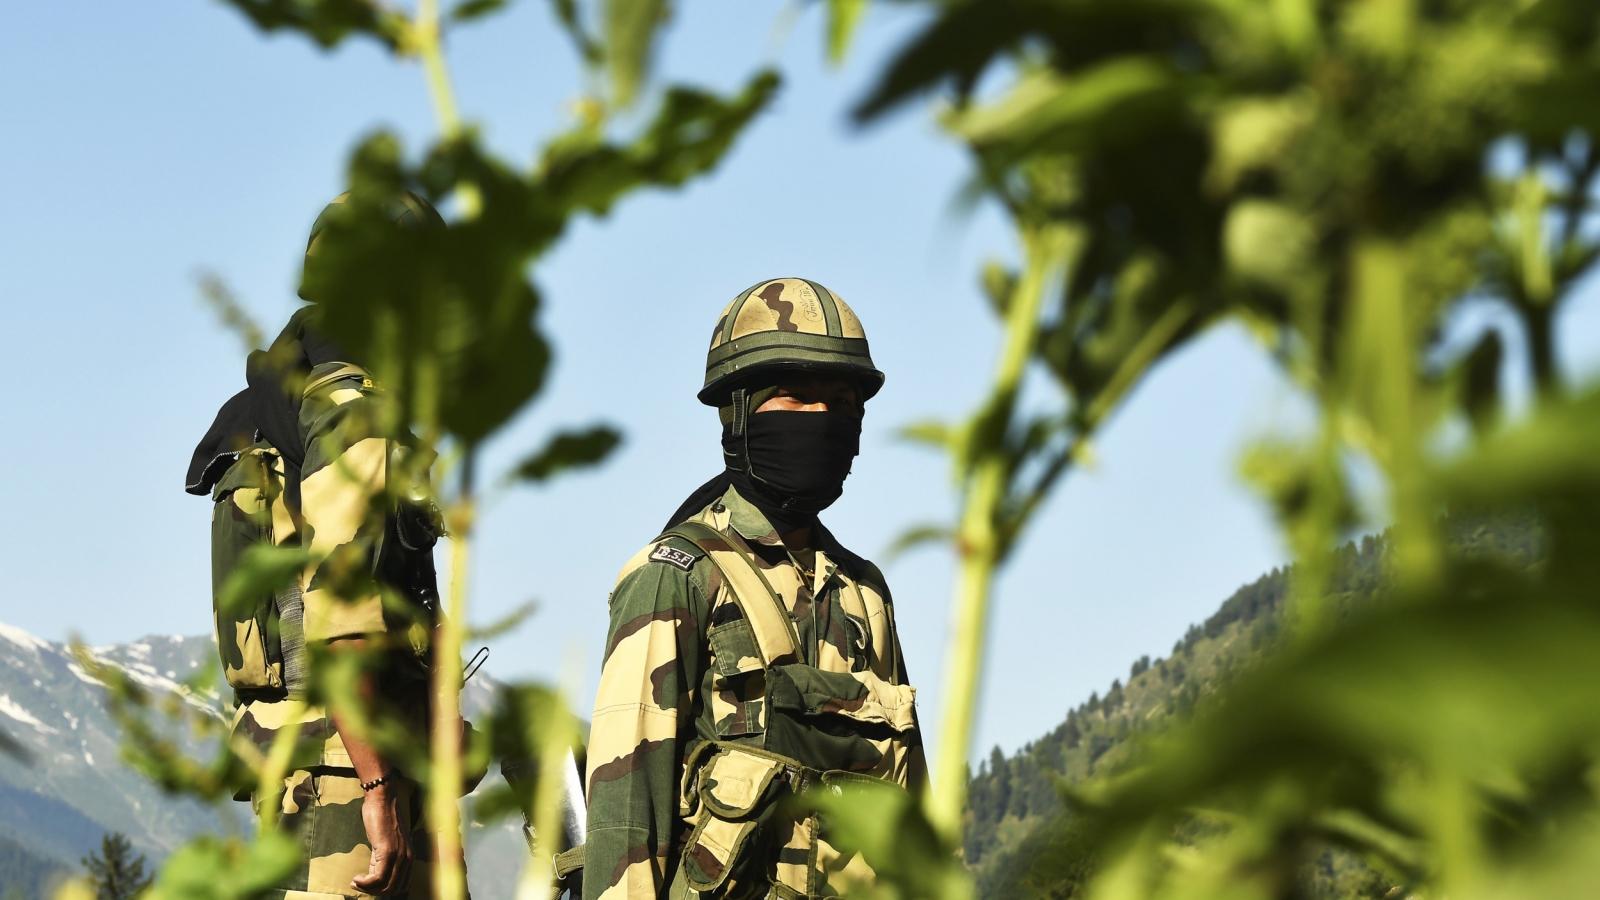 Ấn Độ yêu cầu Trung Quốc làm rõ yêu sách với ranh giới tại Ladakh